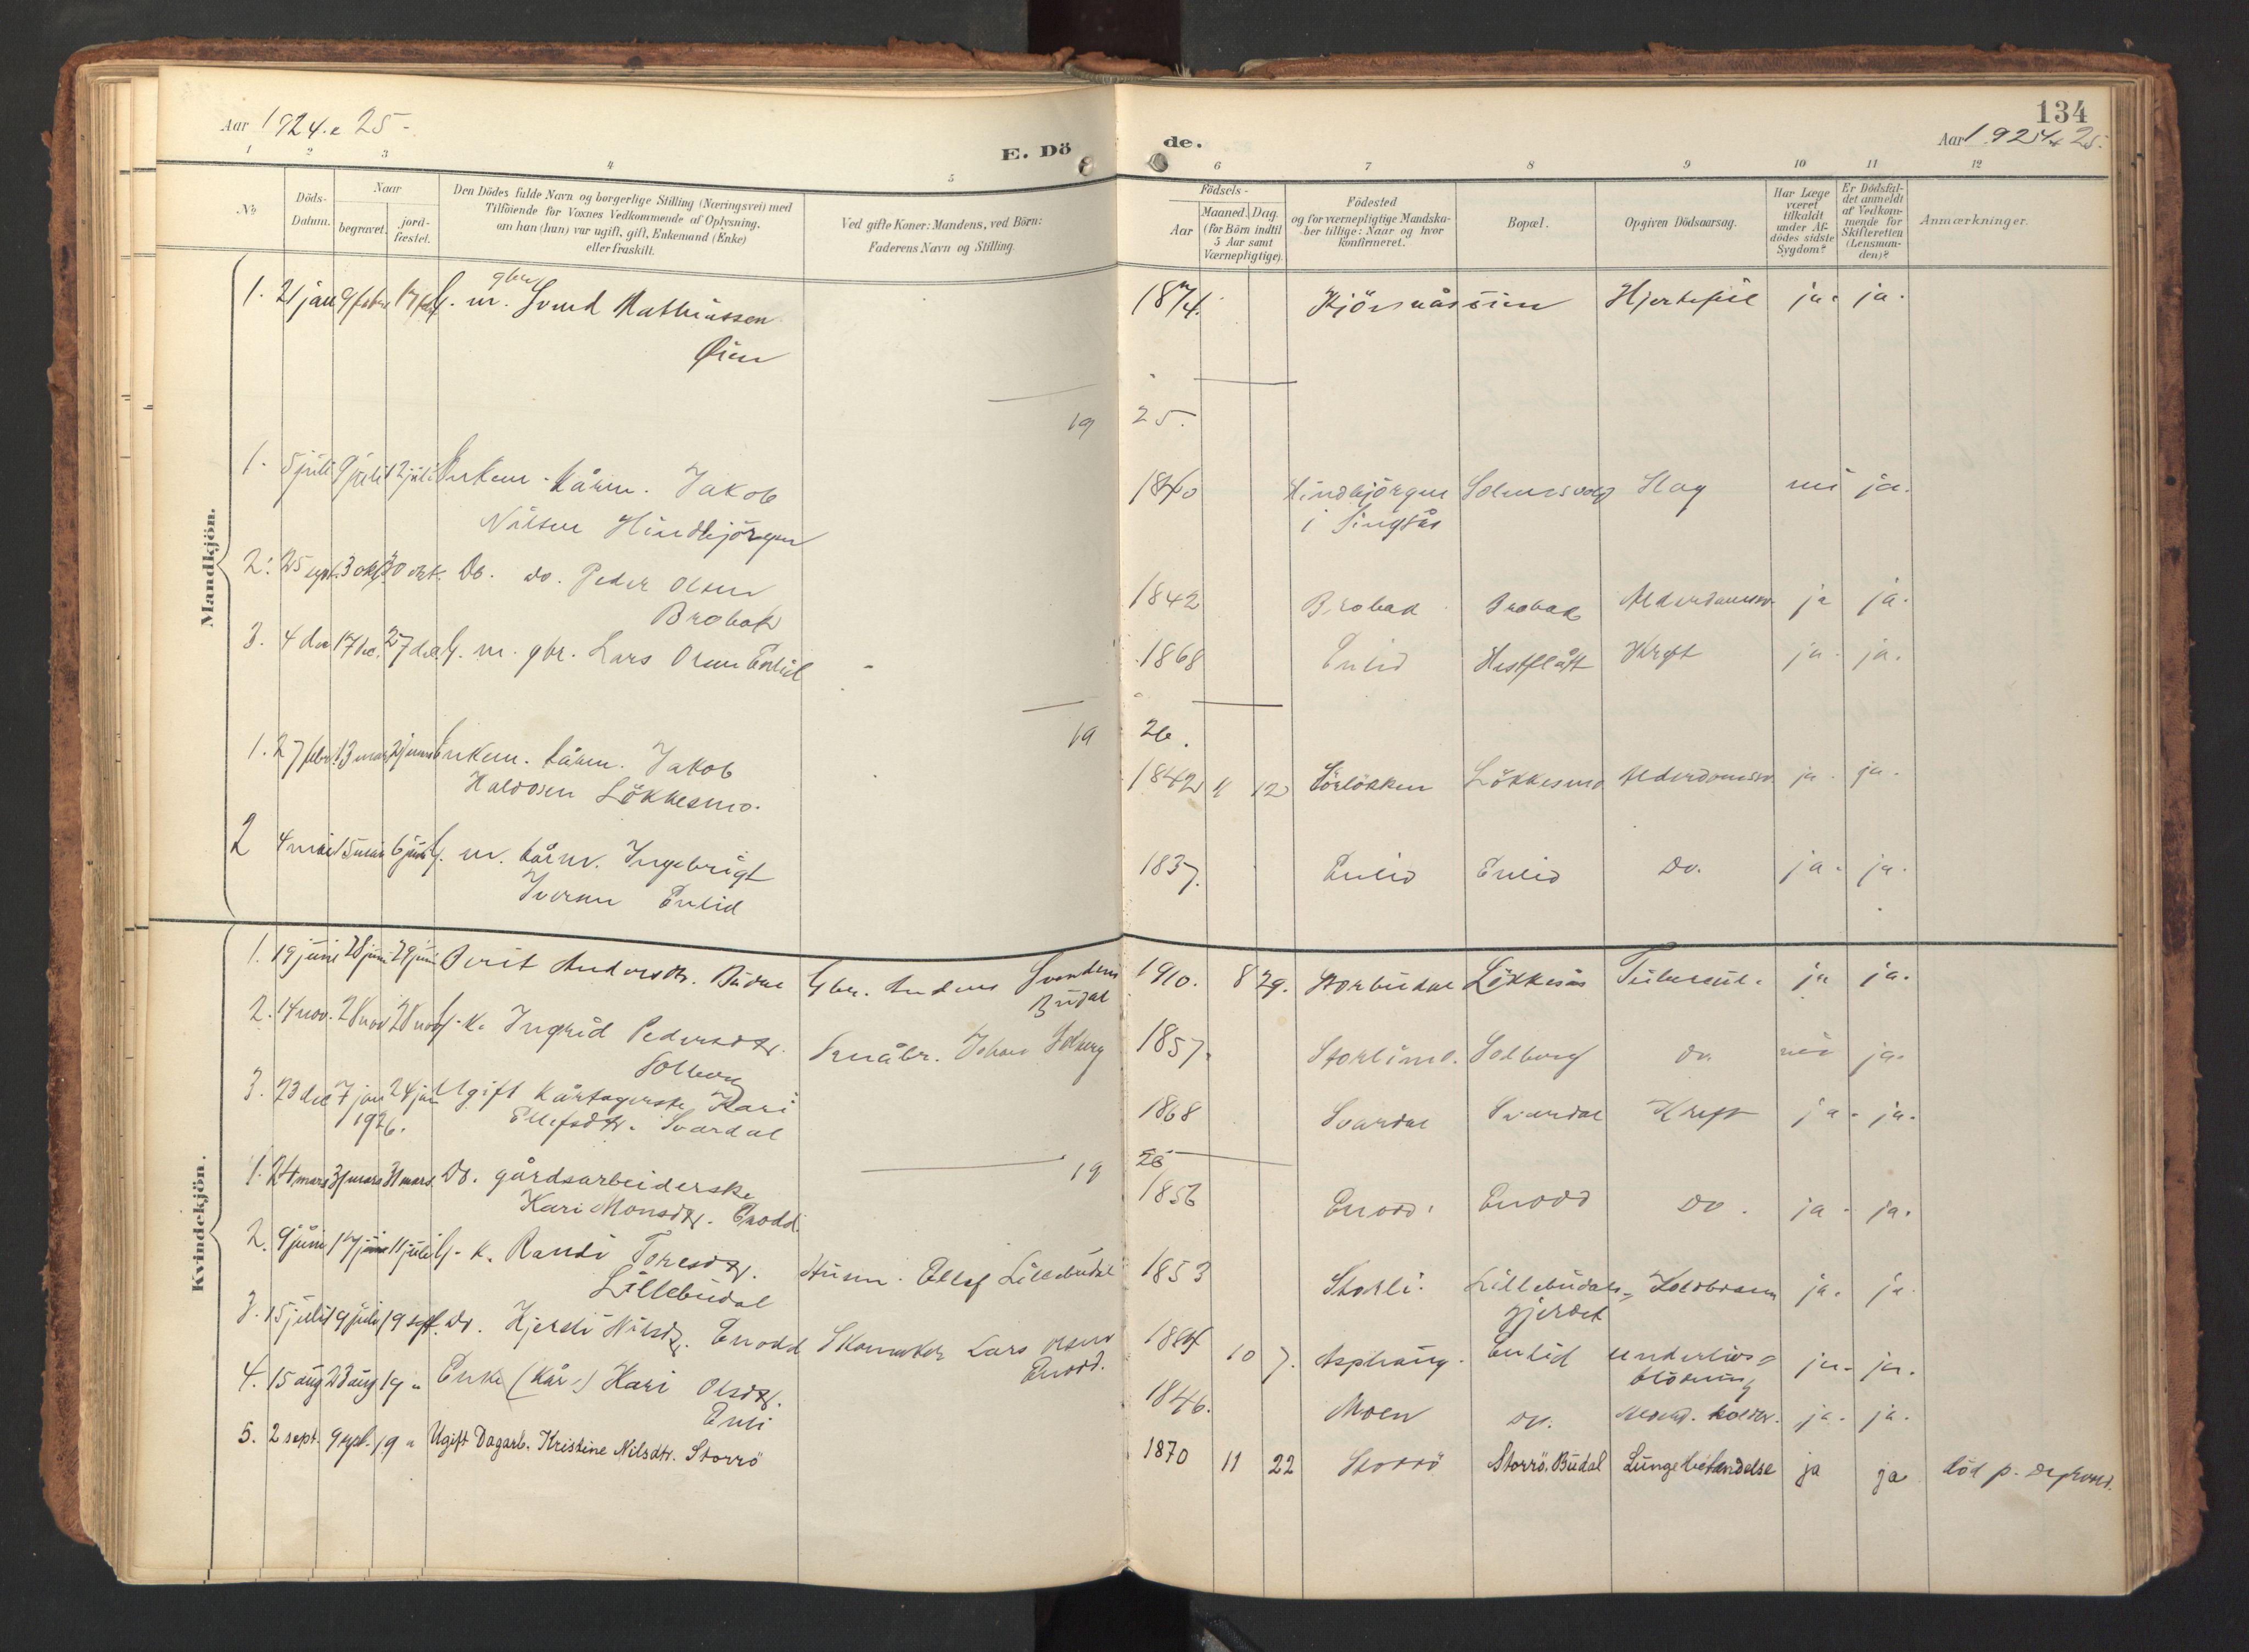 SAT, Ministerialprotokoller, klokkerbøker og fødselsregistre - Sør-Trøndelag, 690/L1050: Ministerialbok nr. 690A01, 1889-1929, s. 134